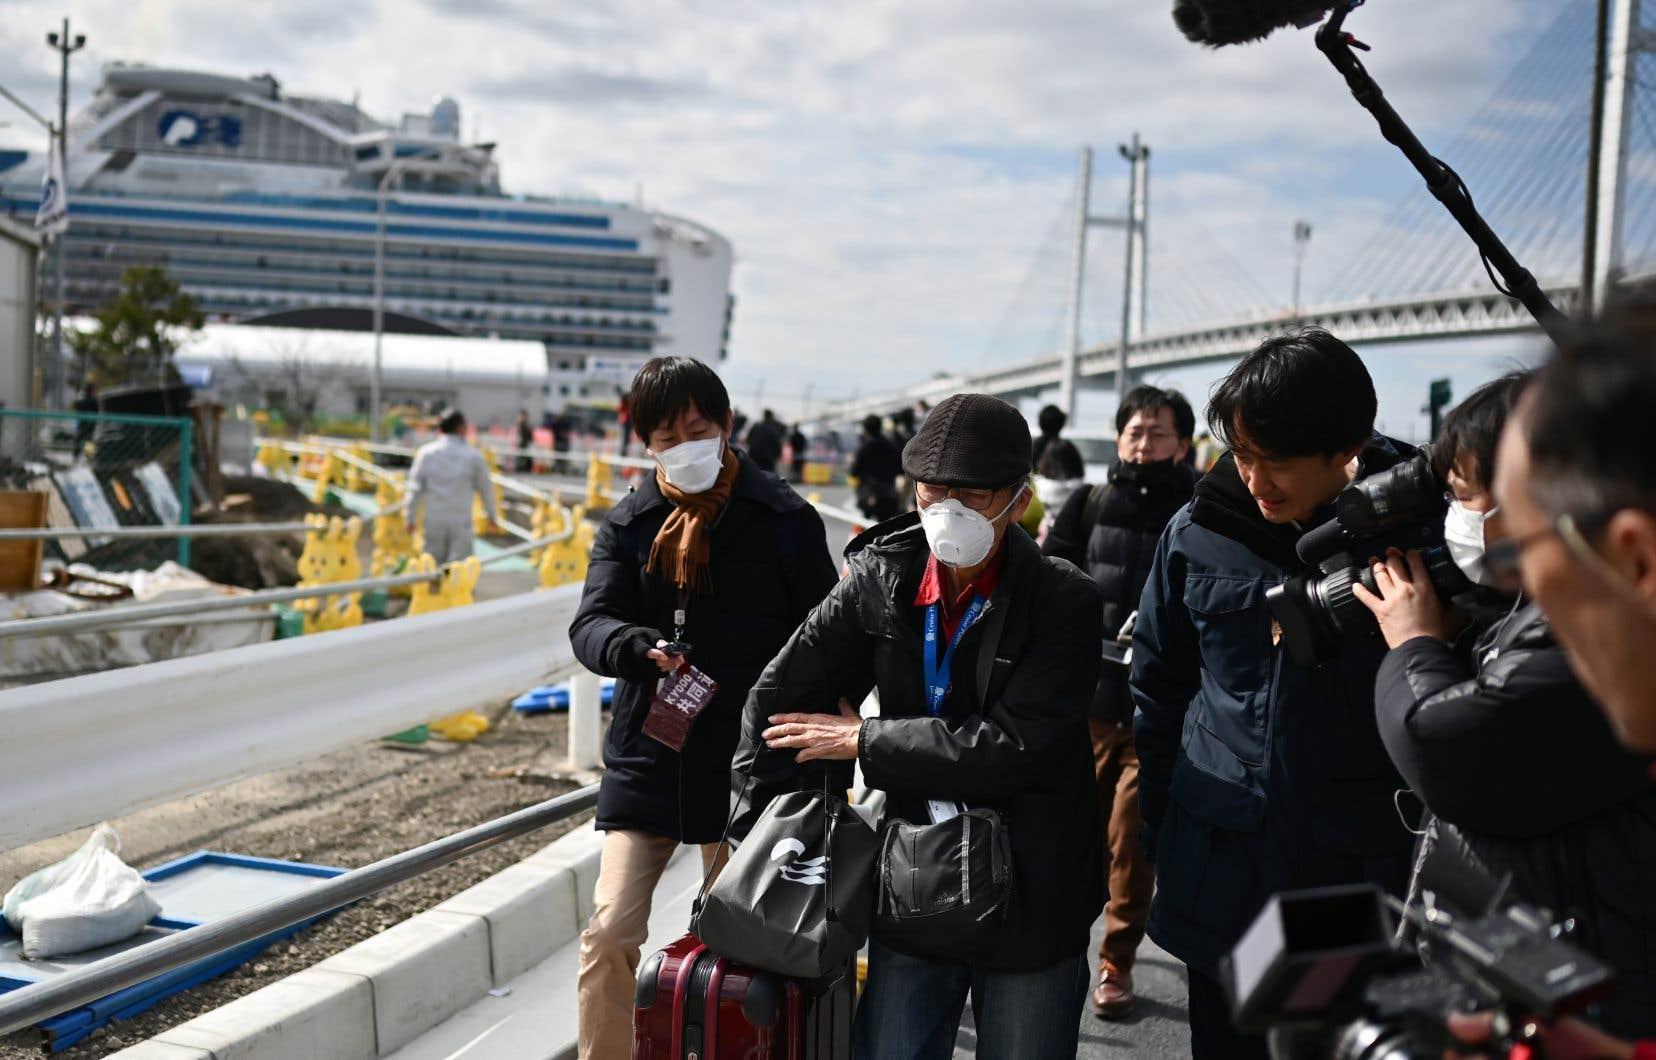 Quelque 500 passagers ne présentant pas de symptômes devaient débarquer pendant la journée, selon le ministère japonais de la Santé.